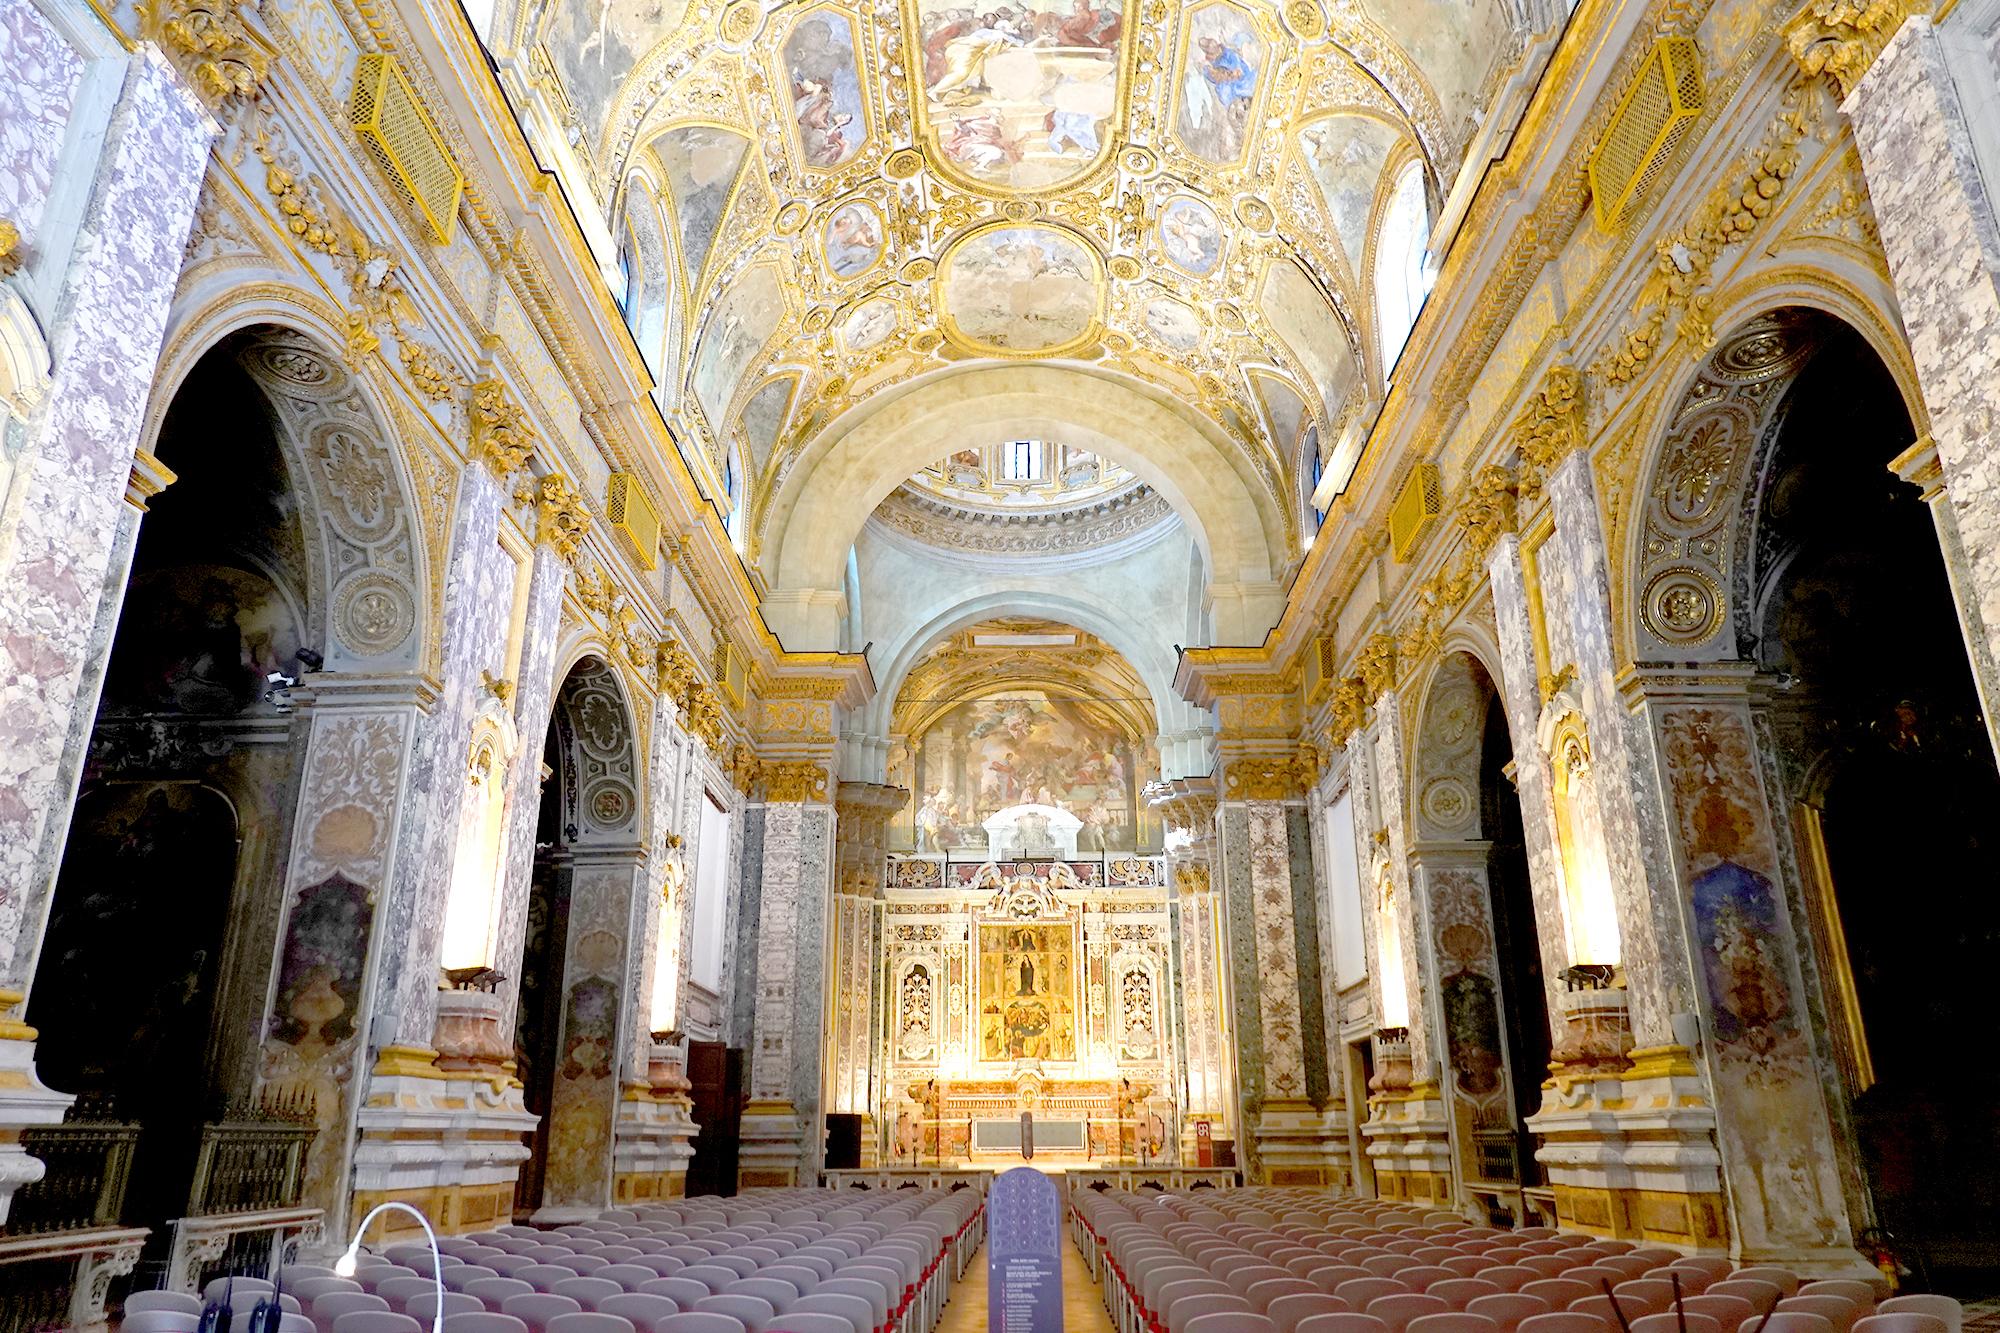 サンタ・マリア・ドンナレジーナ・ヌォーヴァ教会